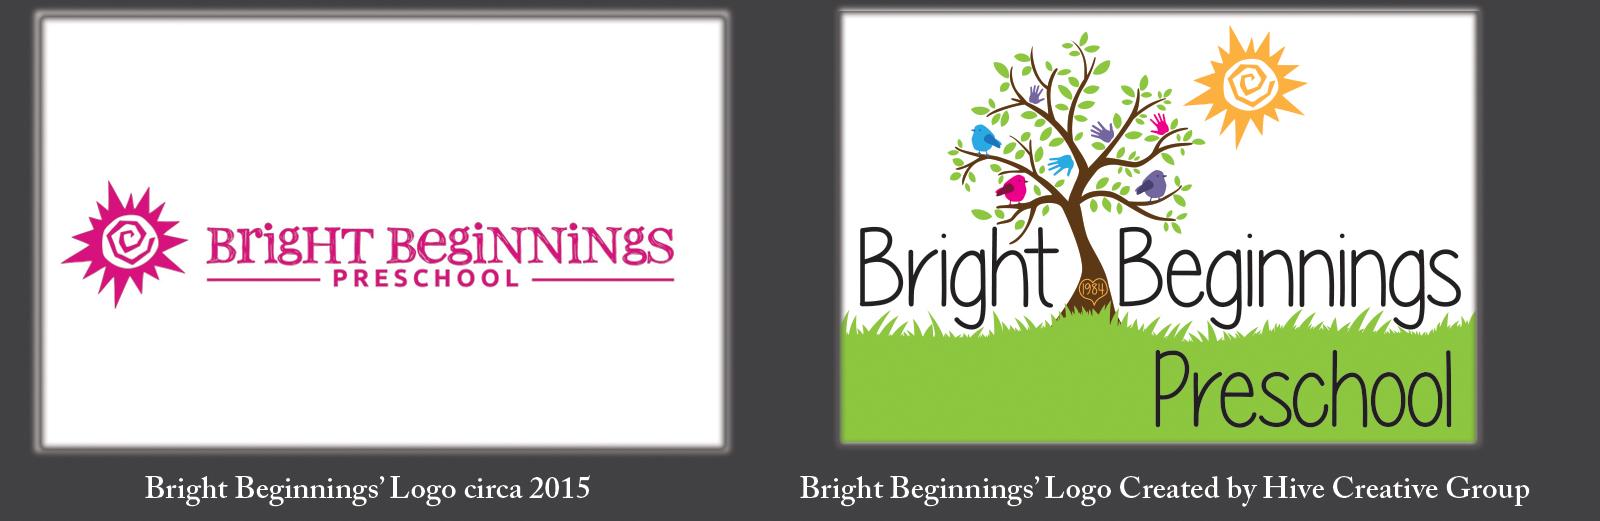 Bright Beginnings Preschool Virginia Logo Redesign